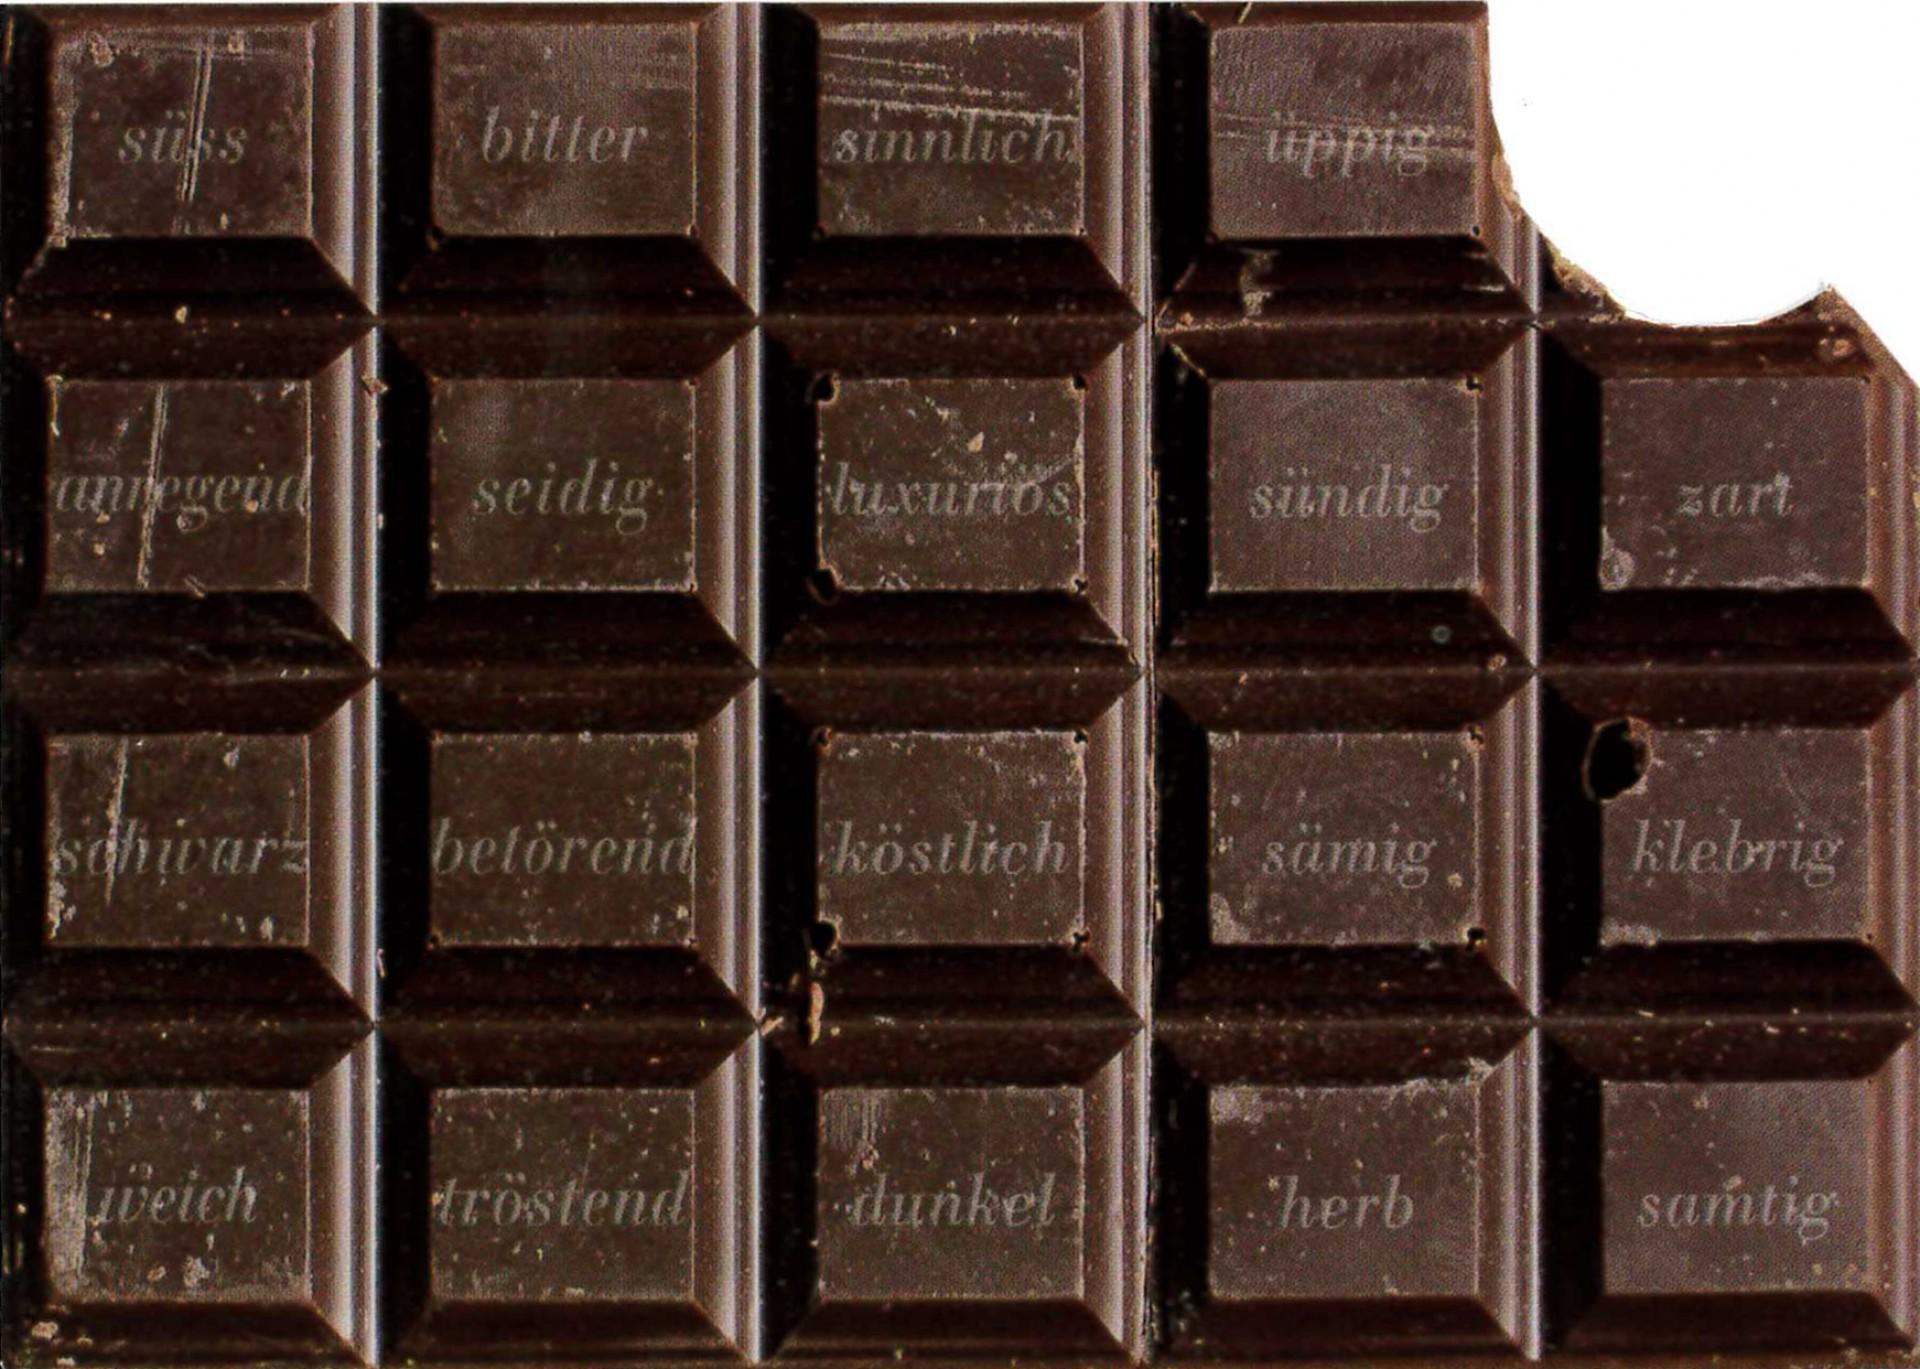 Bittersüsse Schokolade und zartschmelzende Musik}